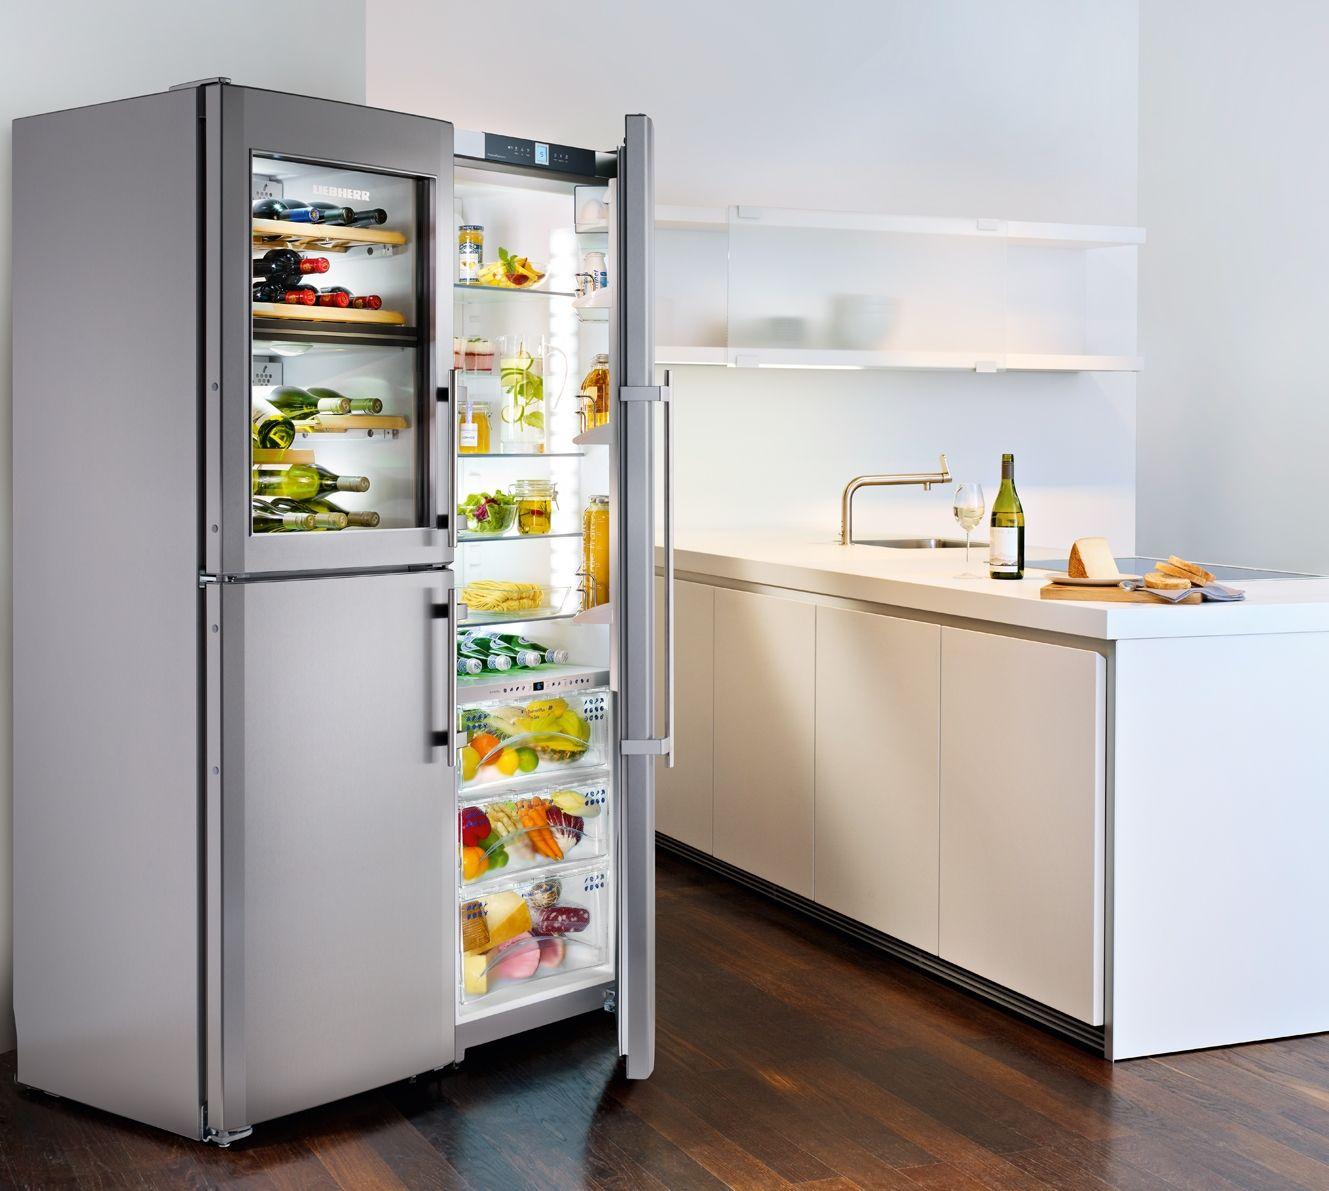 liebherr kühlschrank - Google-Suche | Küche | Pinterest | Liebherr ...